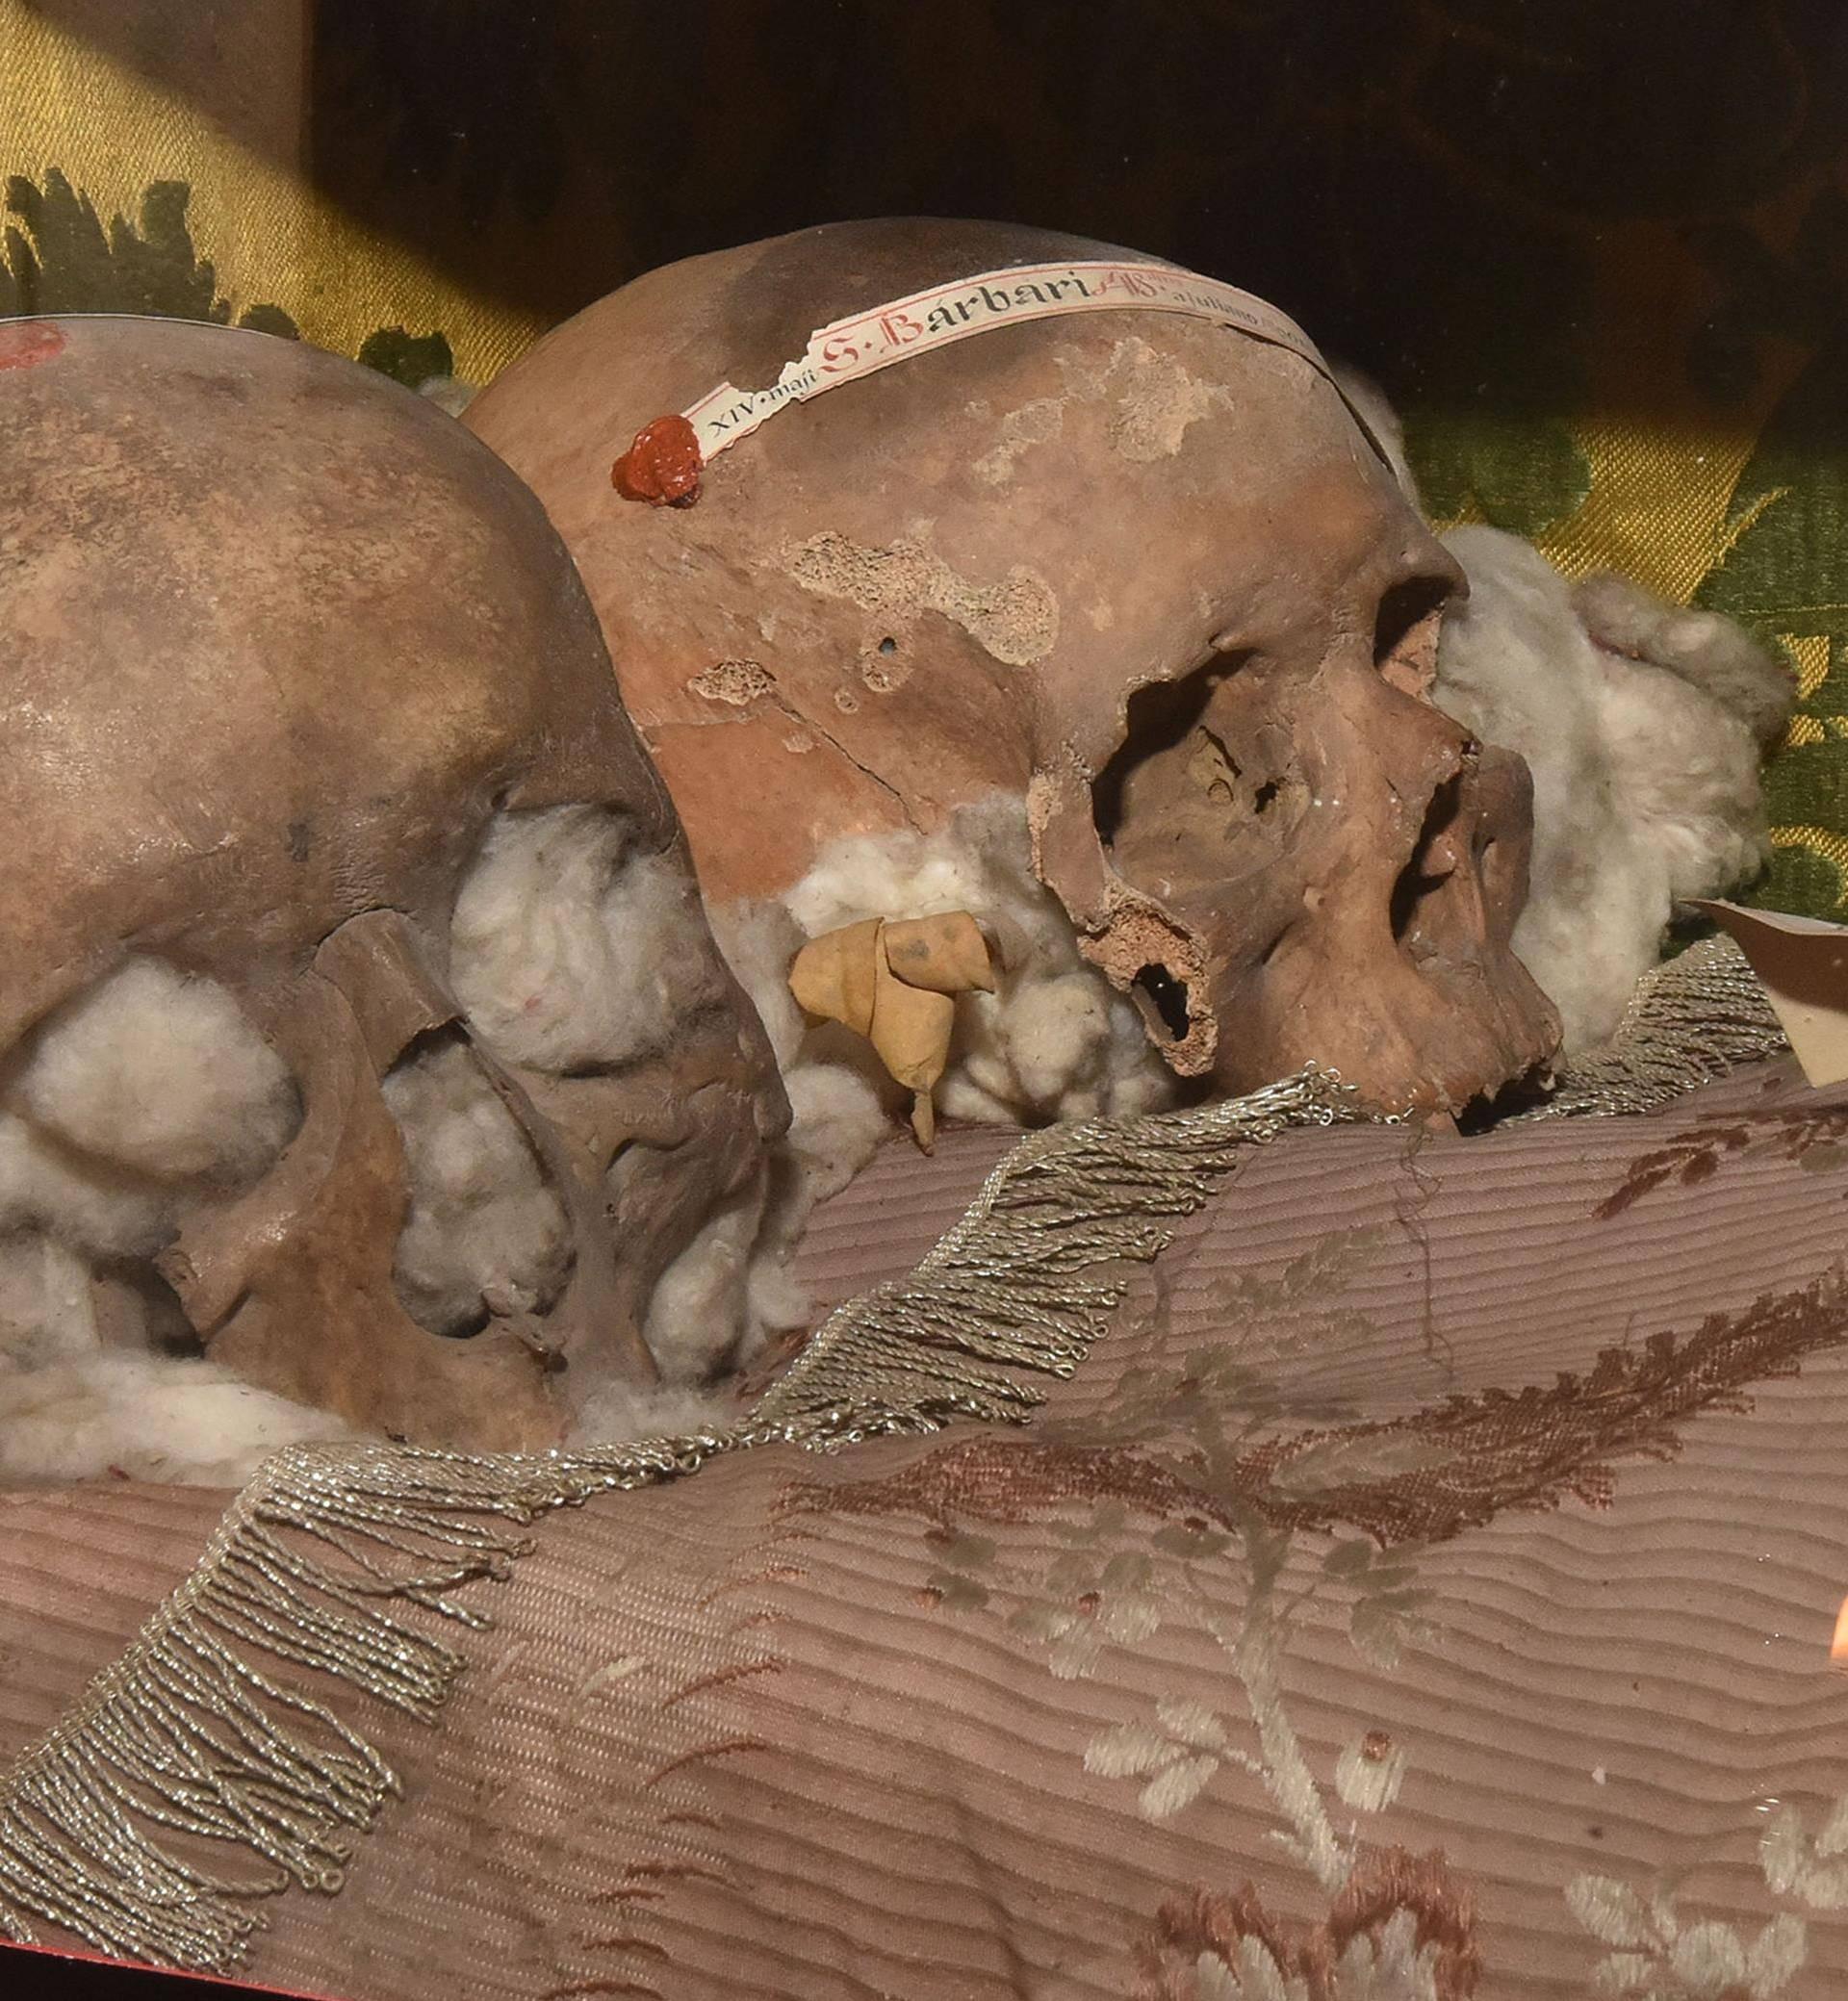 Veliko otkriće usred Vodnjana: Pronašli su relikvije 12 svetaca